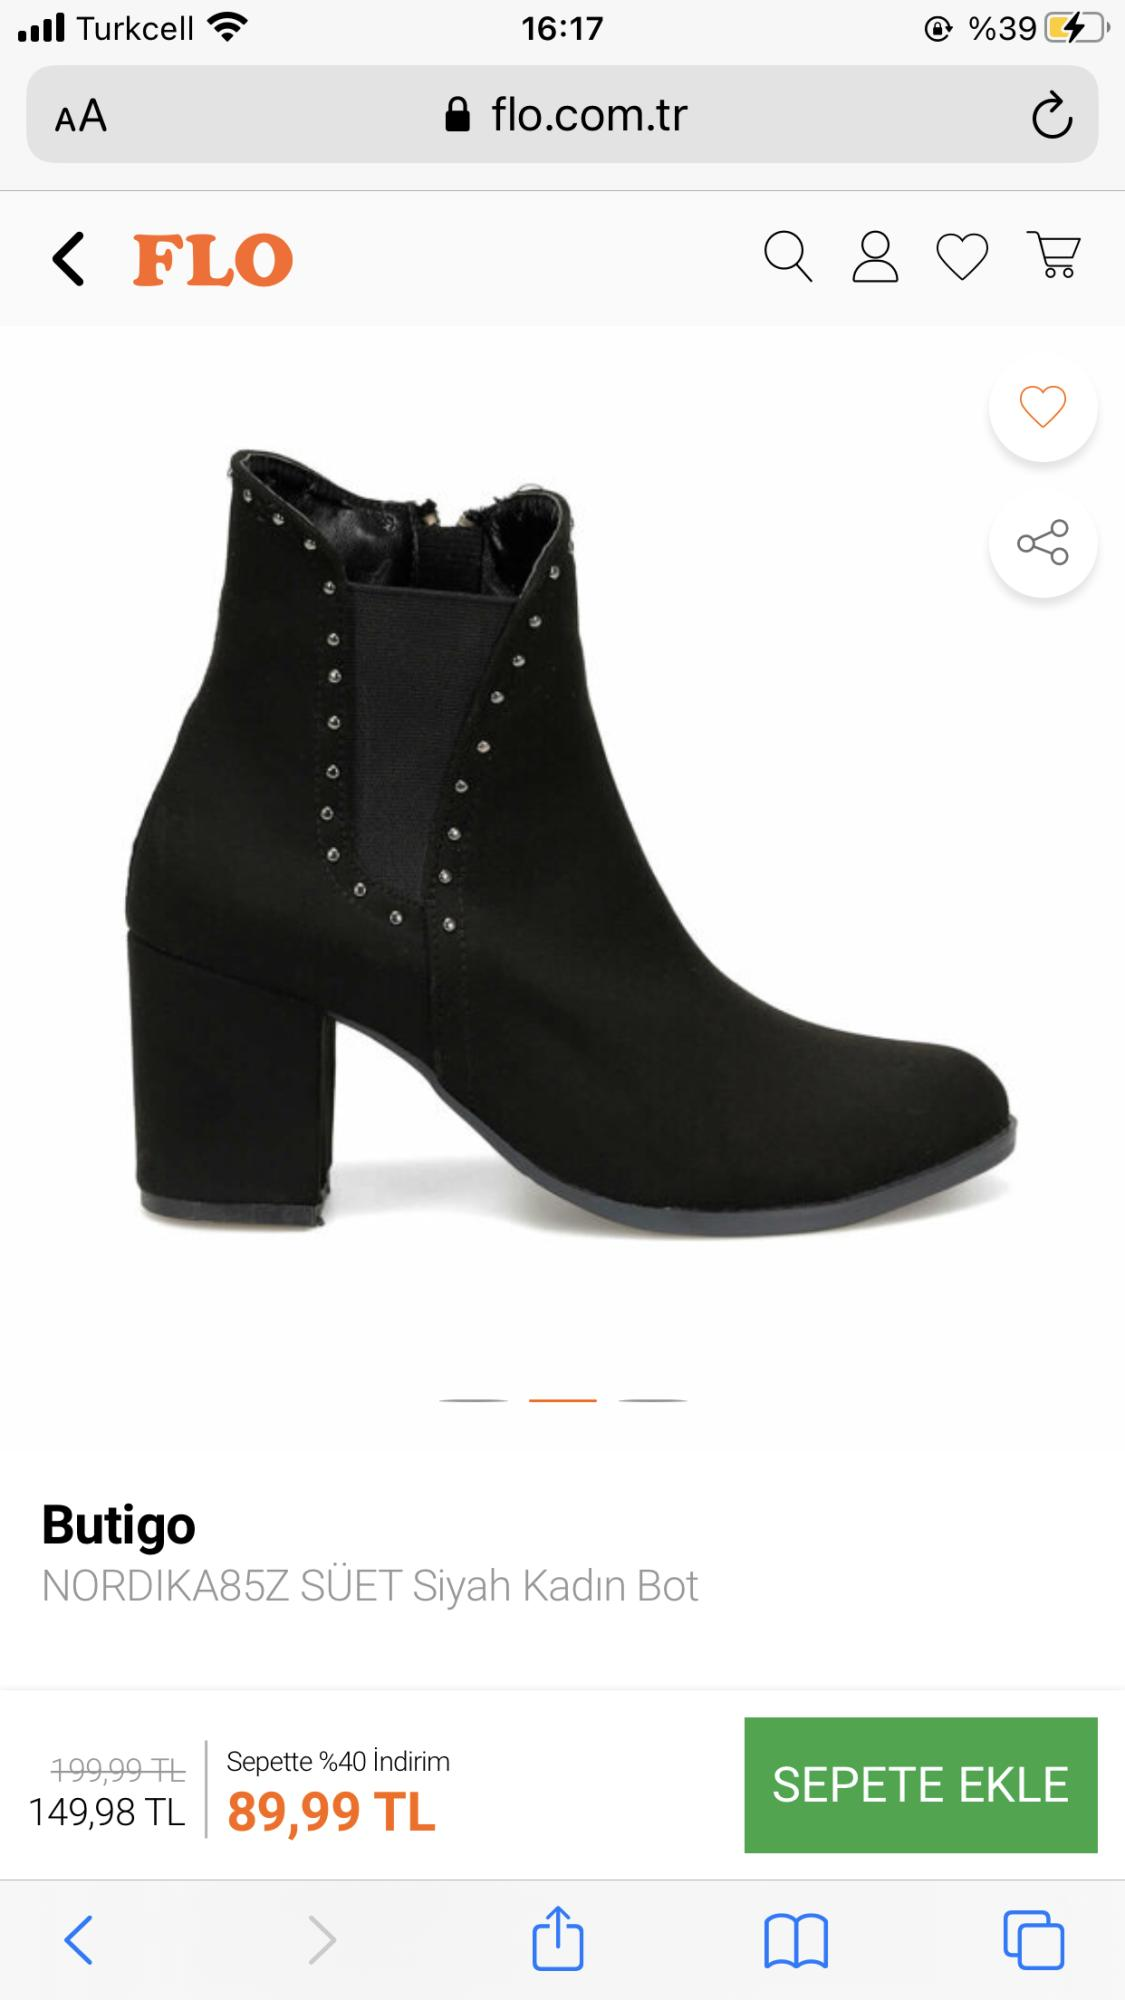 Flo Yeni Sezon Dolgu Topuk Ayakkabi Modellerinde Indirimli Fiyatlar